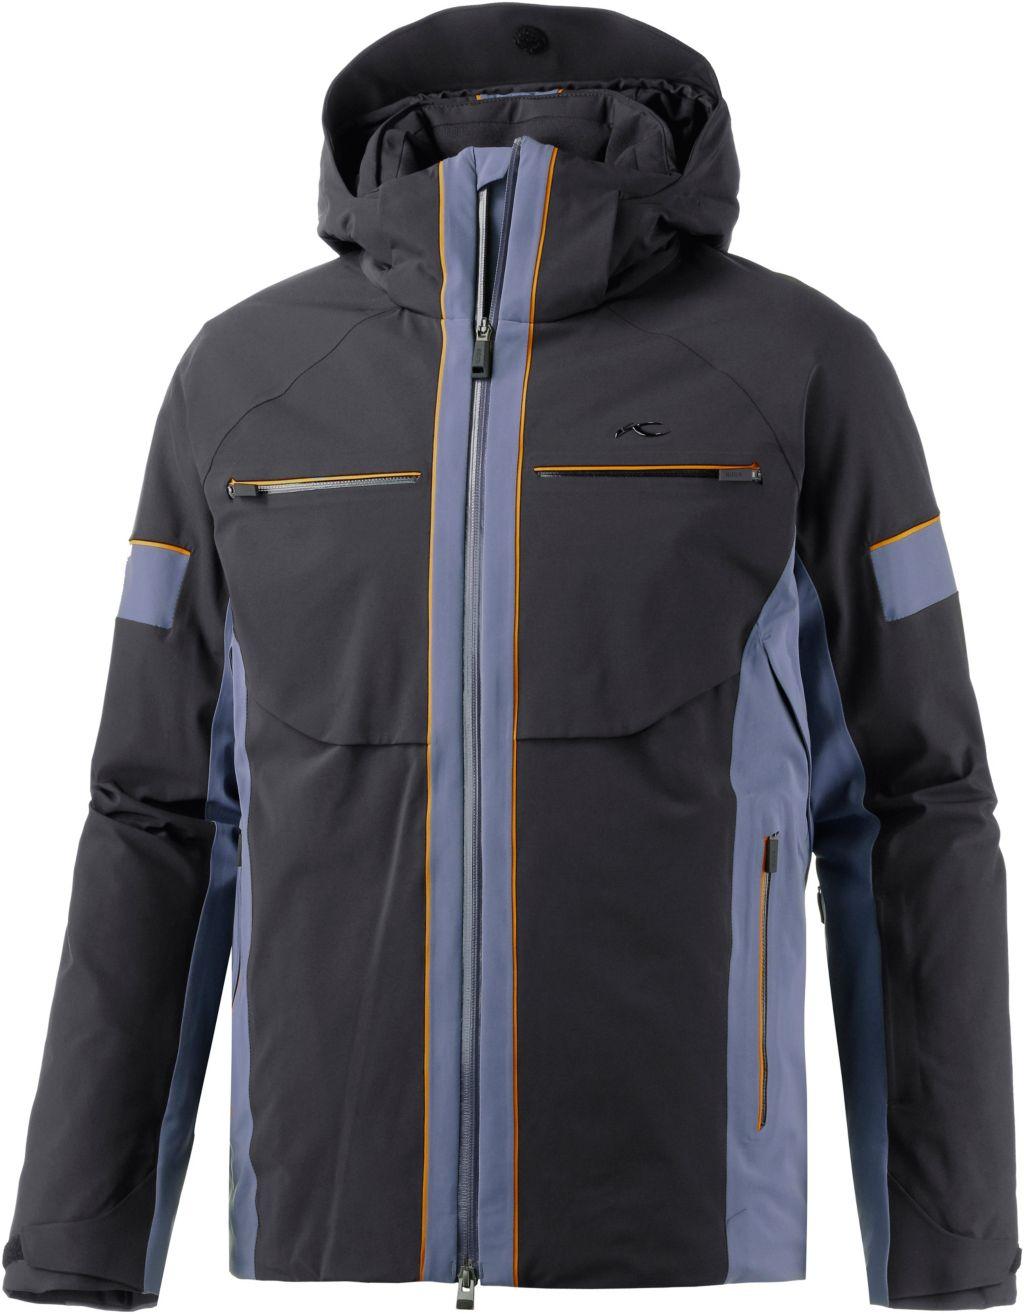 Downforce Skijacke Herren in schwarz/graphit, Größe 50